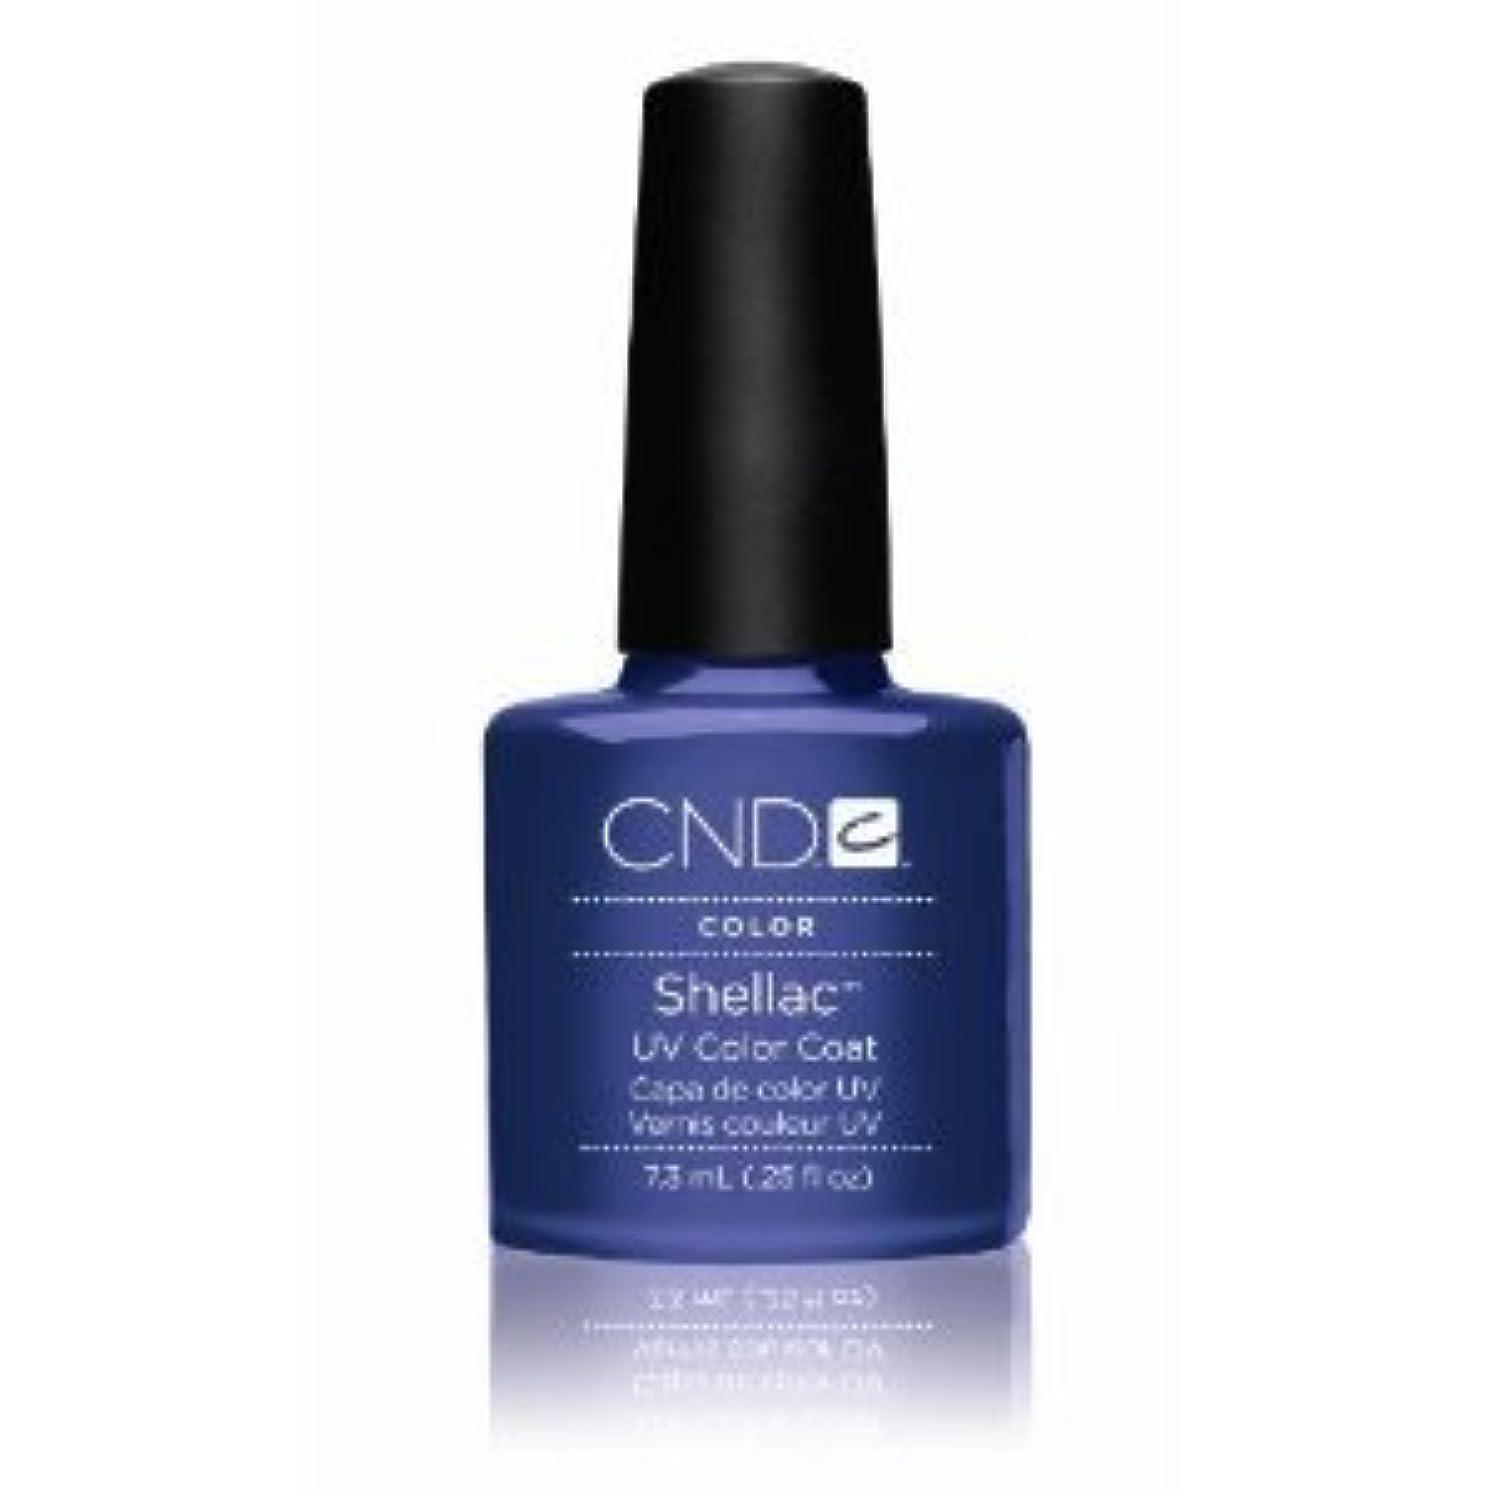 パス実験企業CND(シーエヌディー) シェラック UVカラーコート7.3mL 530 Purple Purple(パール) [並行輸入][海外直送品]